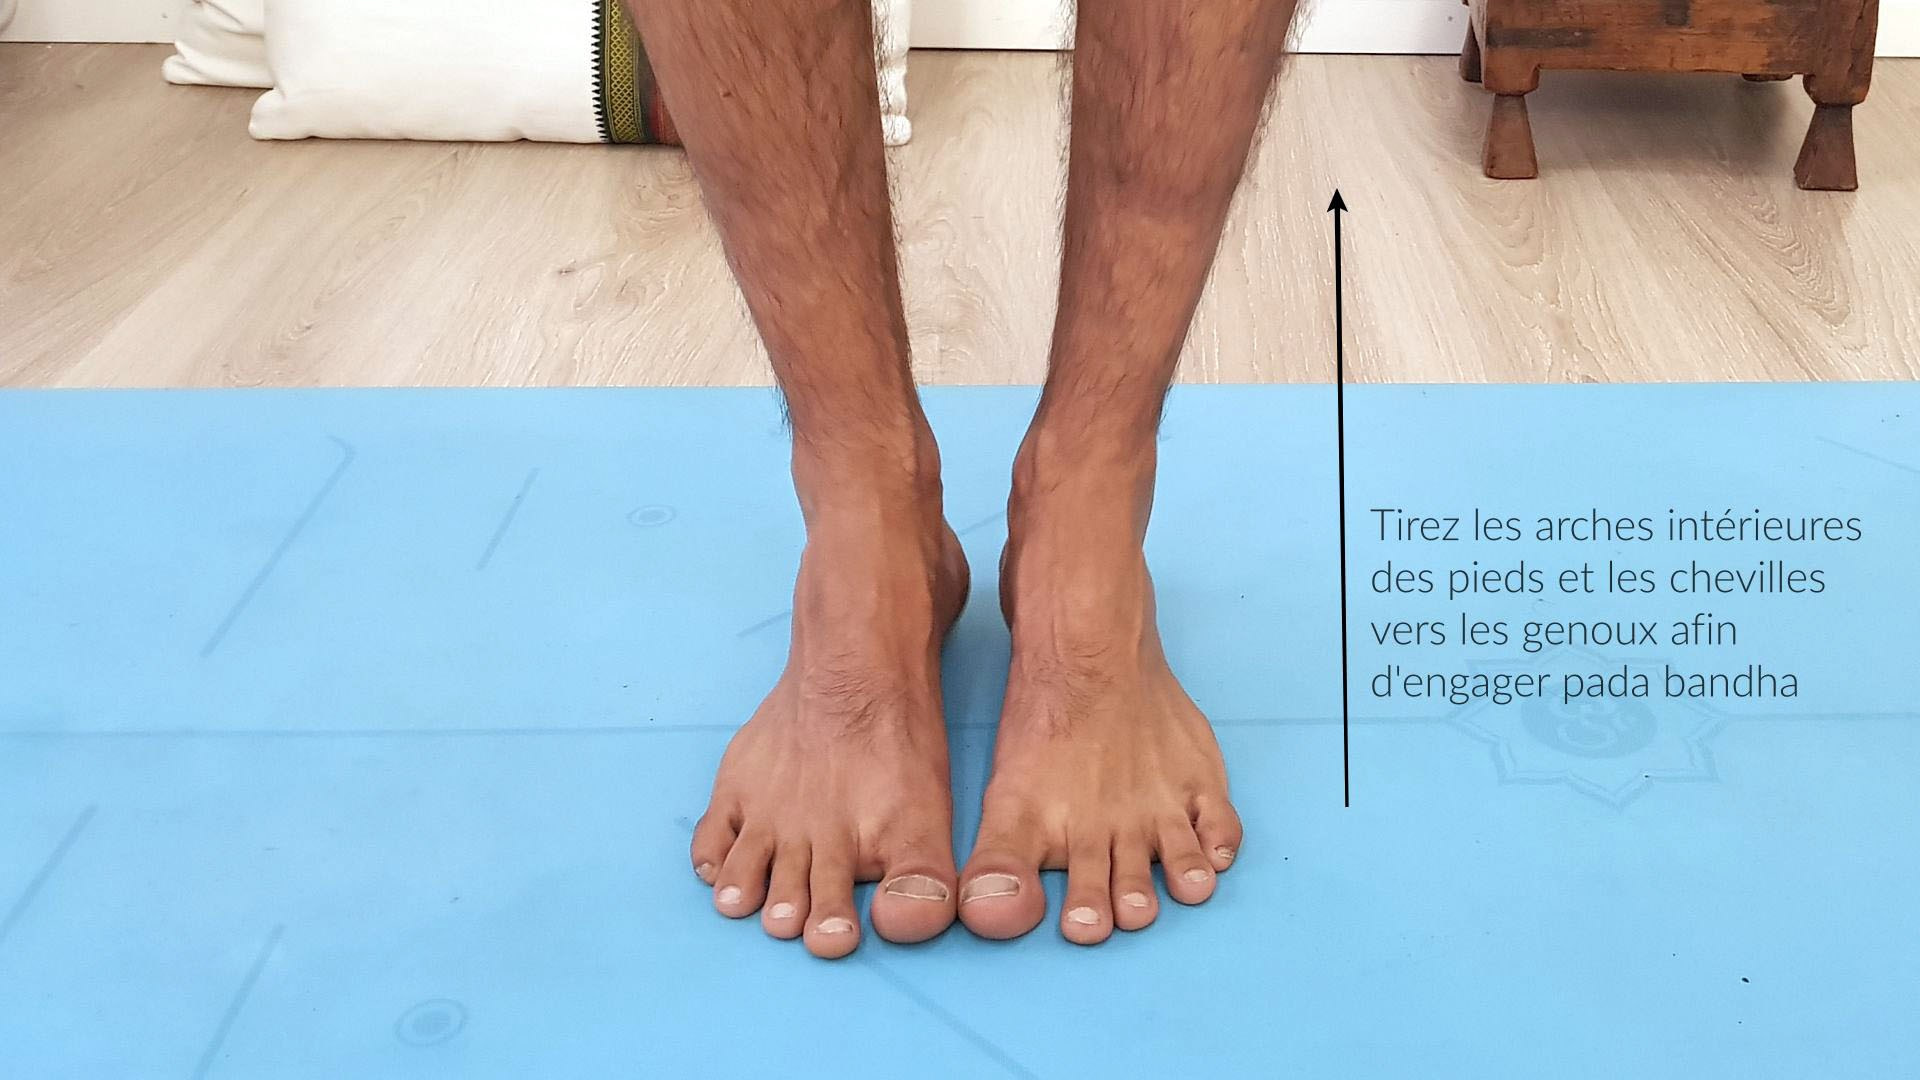 Engagez le pada bandha (verrou des pieds)